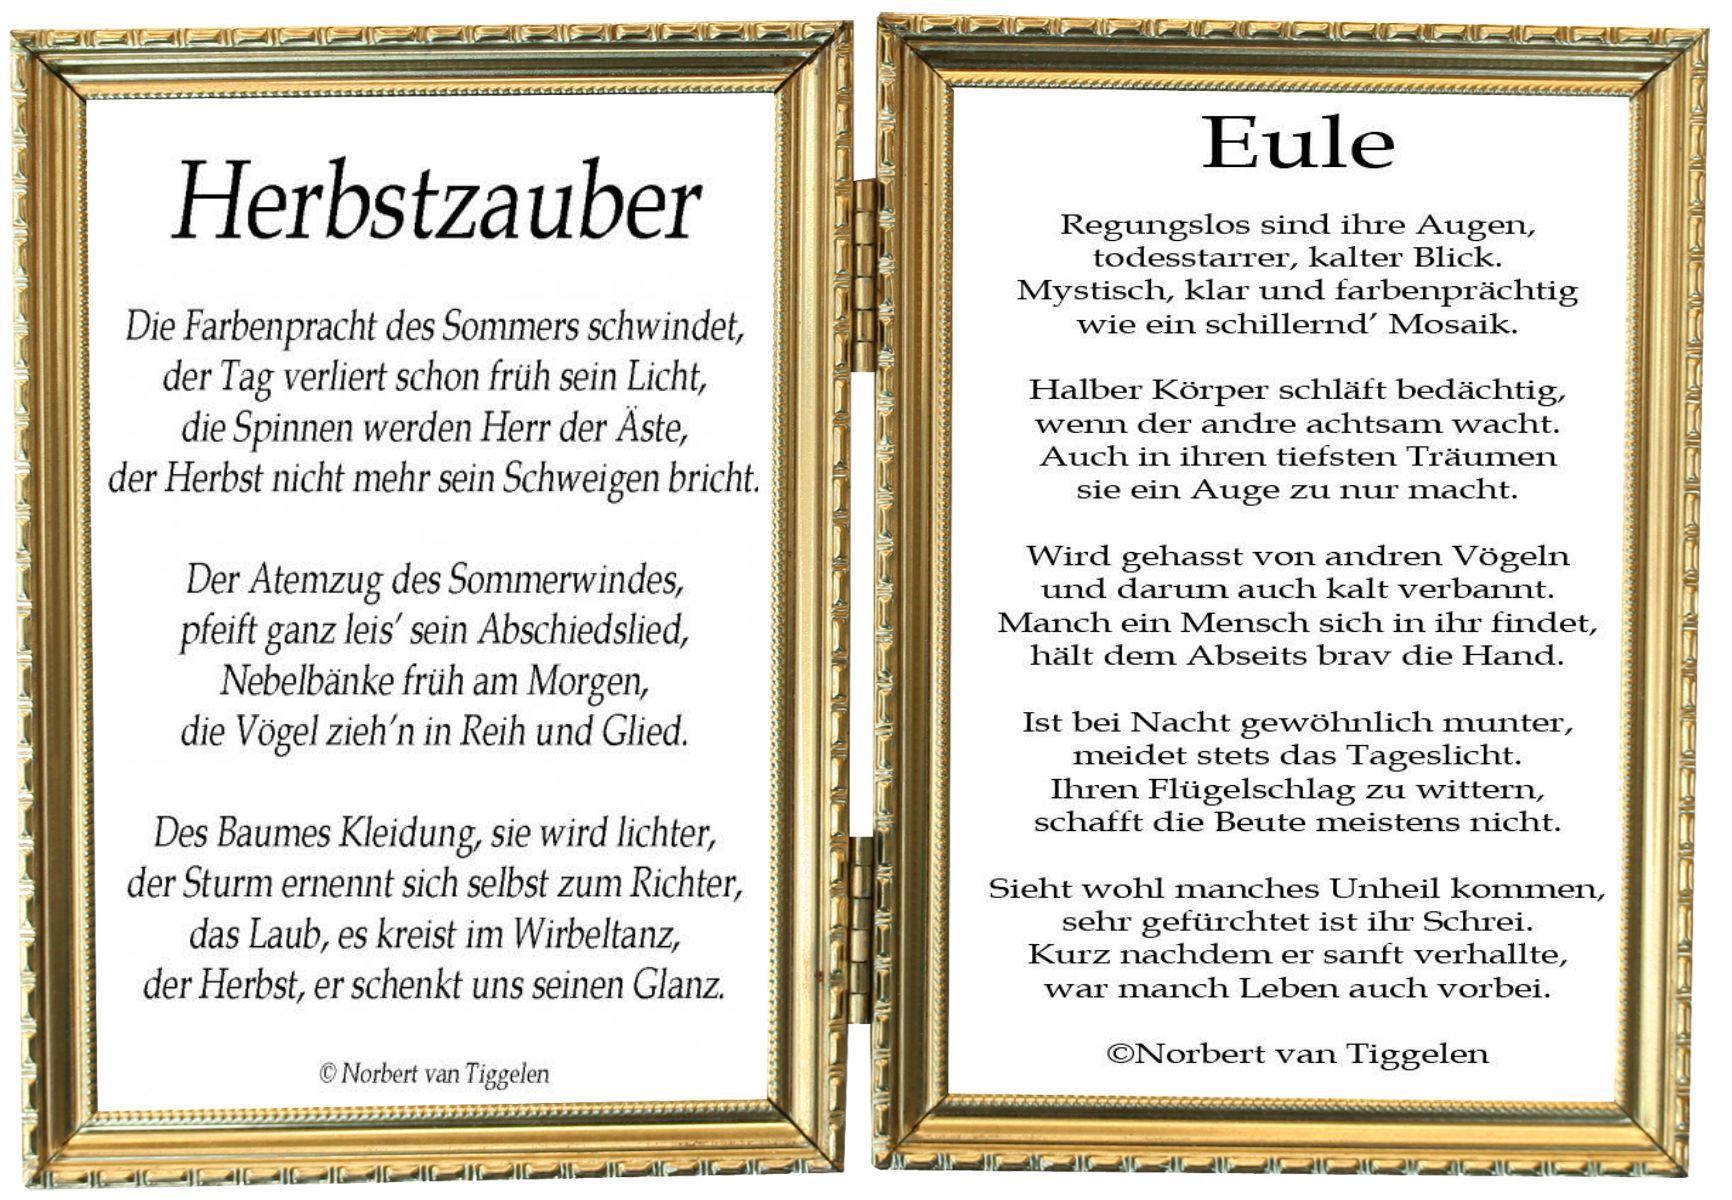 Zwei Sehr Schone Gedichte Von Norbert Van Tiggelen Gedichte Sinnspruche Spruche